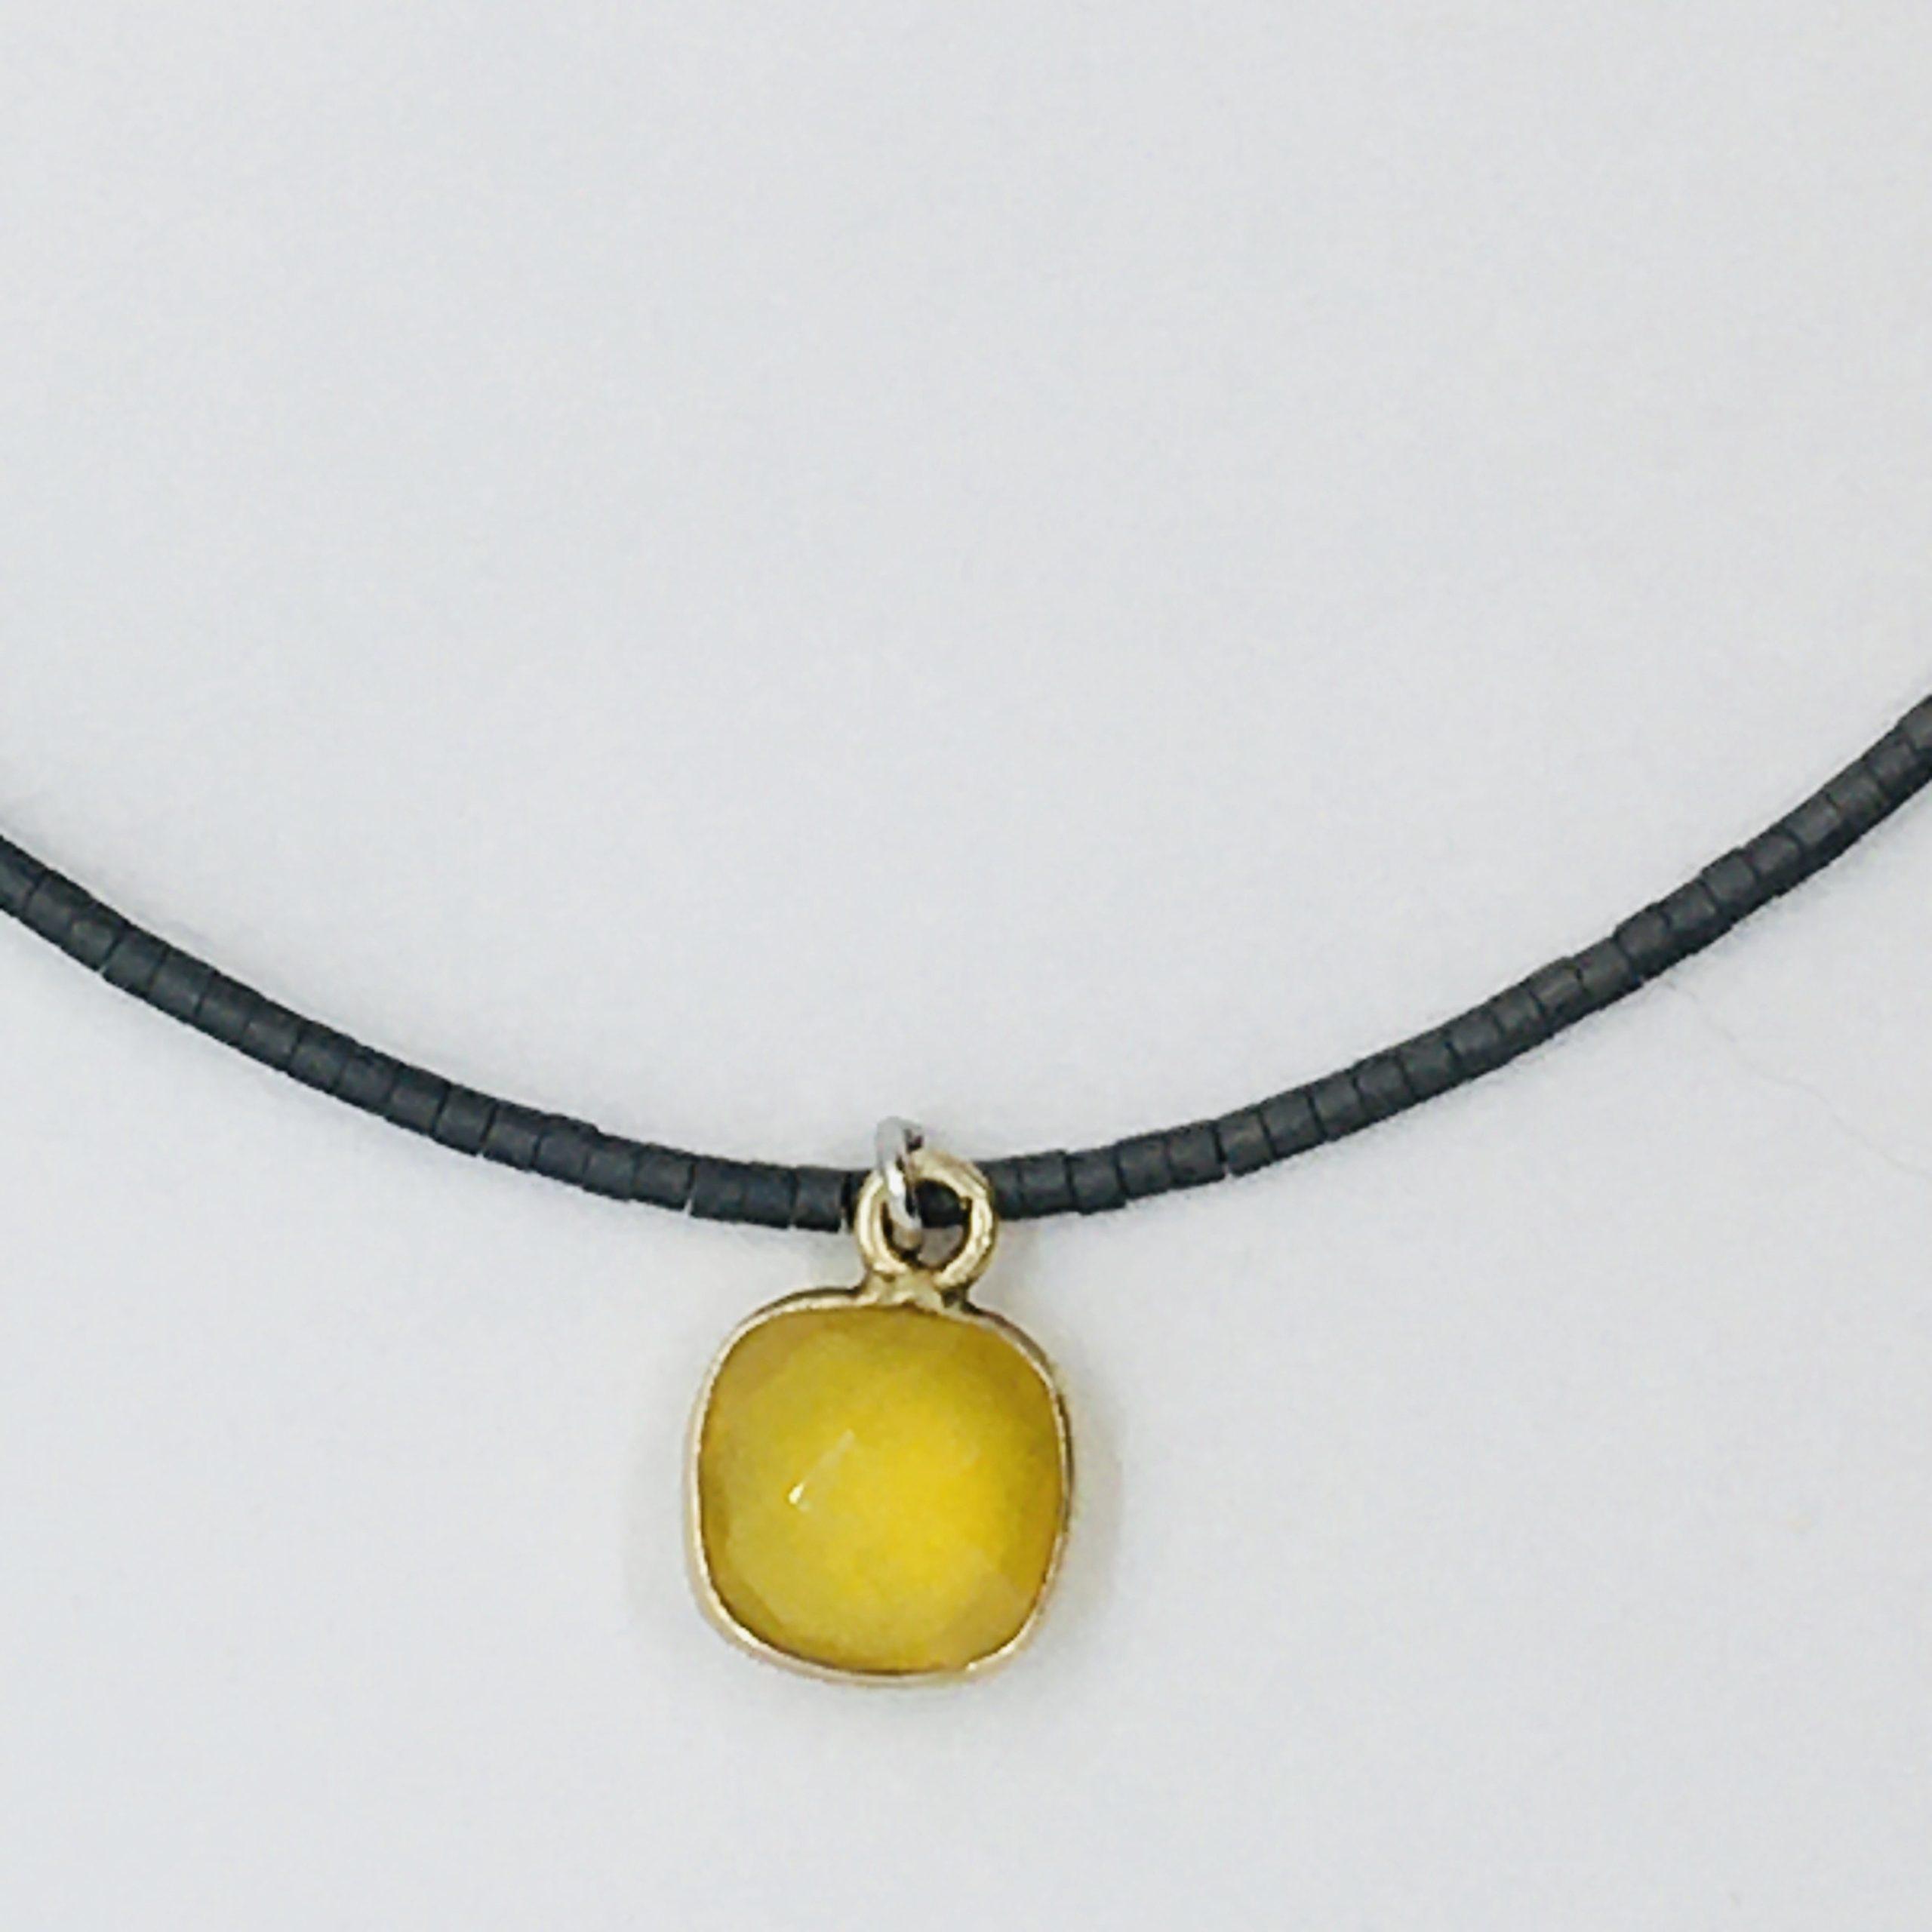 Krótki naszyjnik z hematytów z żółtym chalcedonem, ludzie miasta, żywioł metalu, IMG_5422